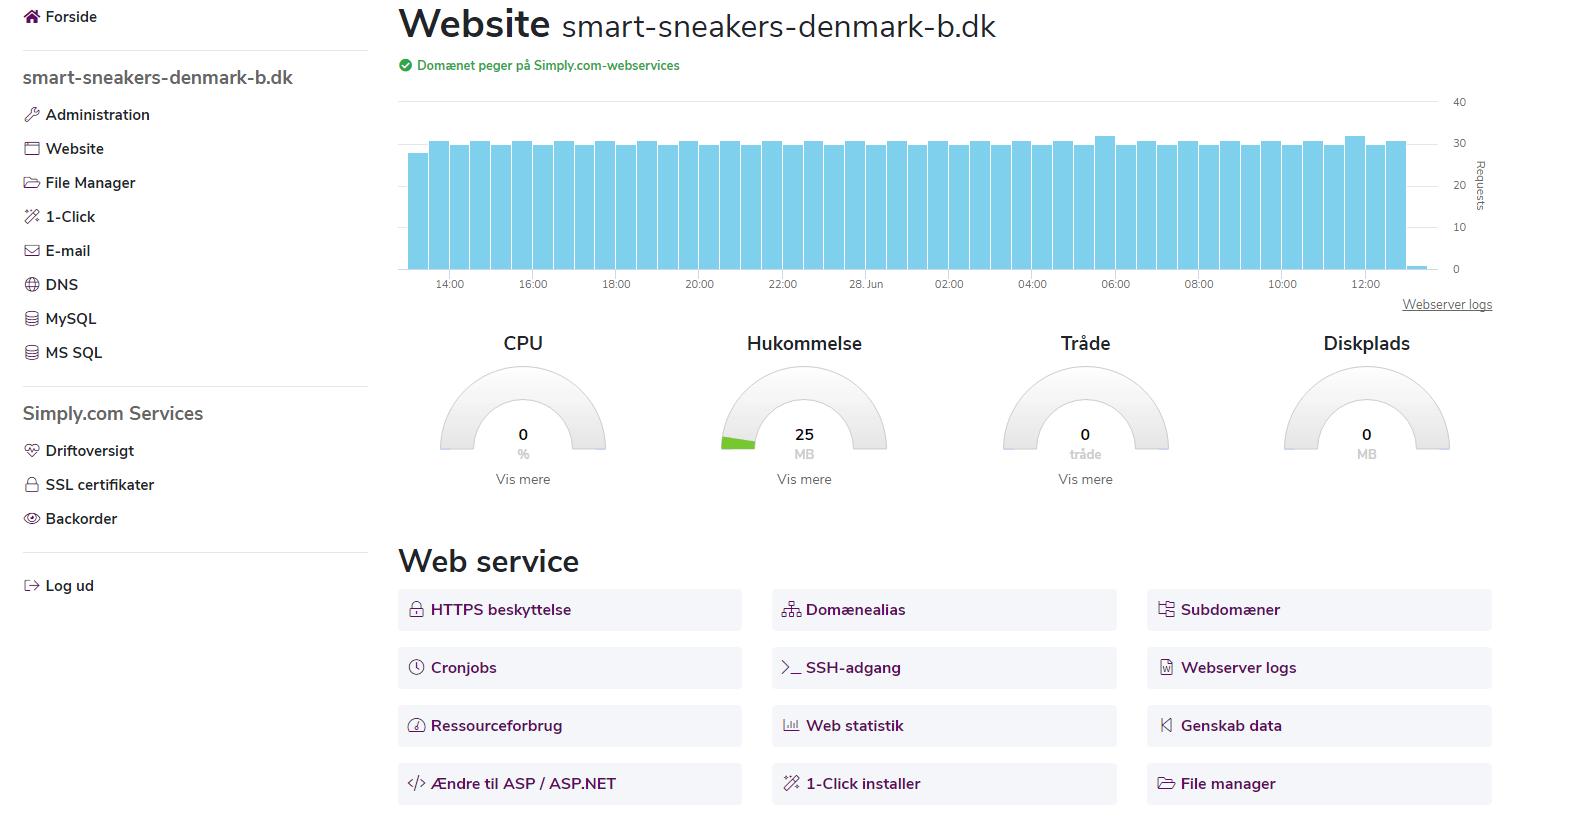 Simply.com – Hurtigt overblik over ressourcer